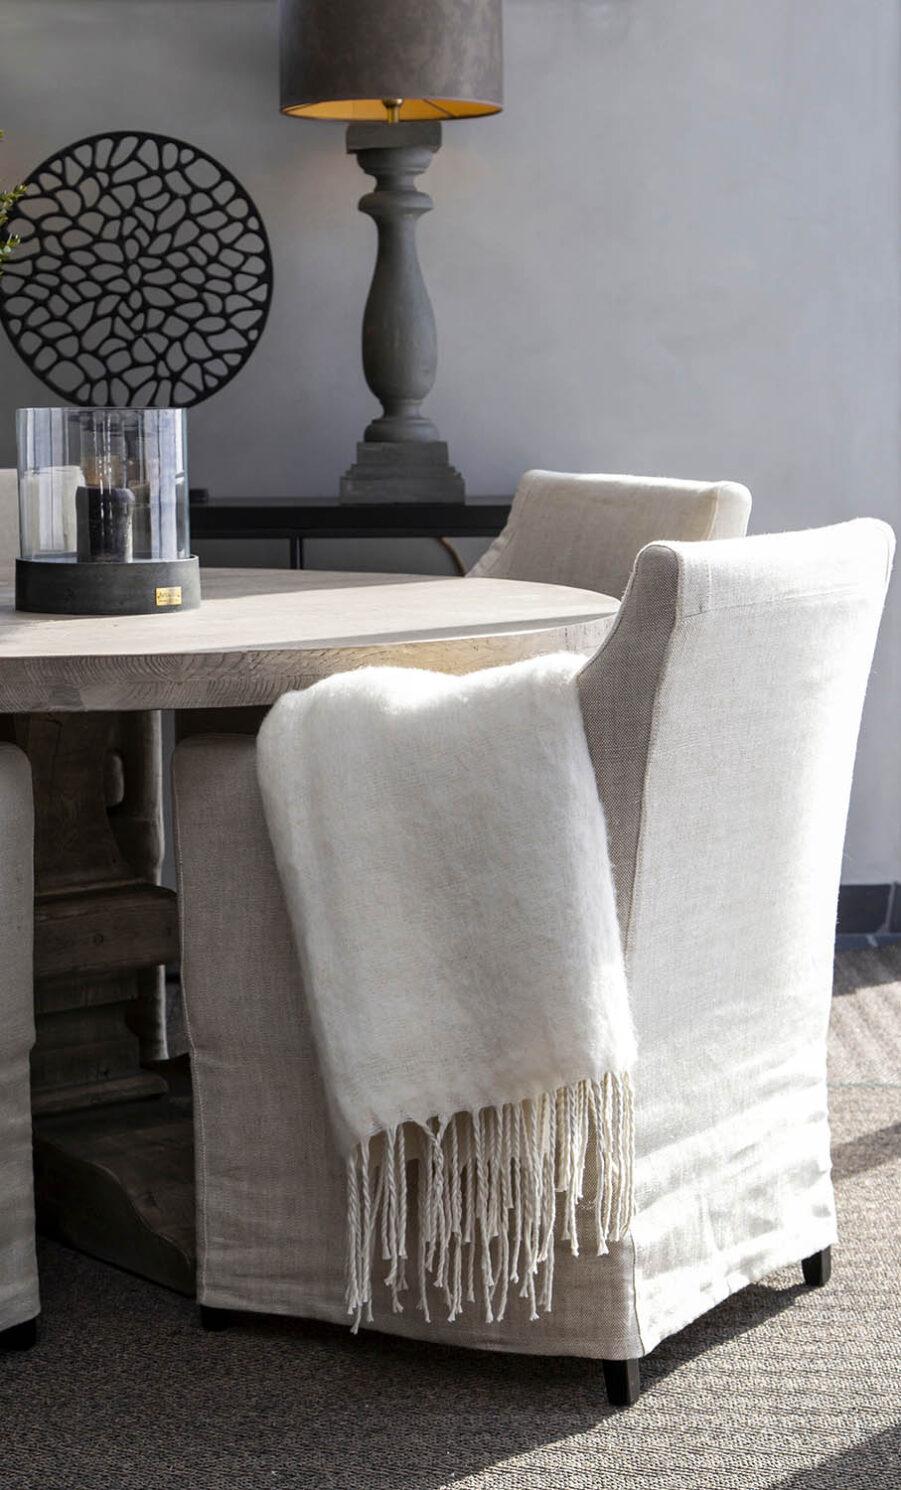 Avignon matstol i färgen linne sand från Artwood.